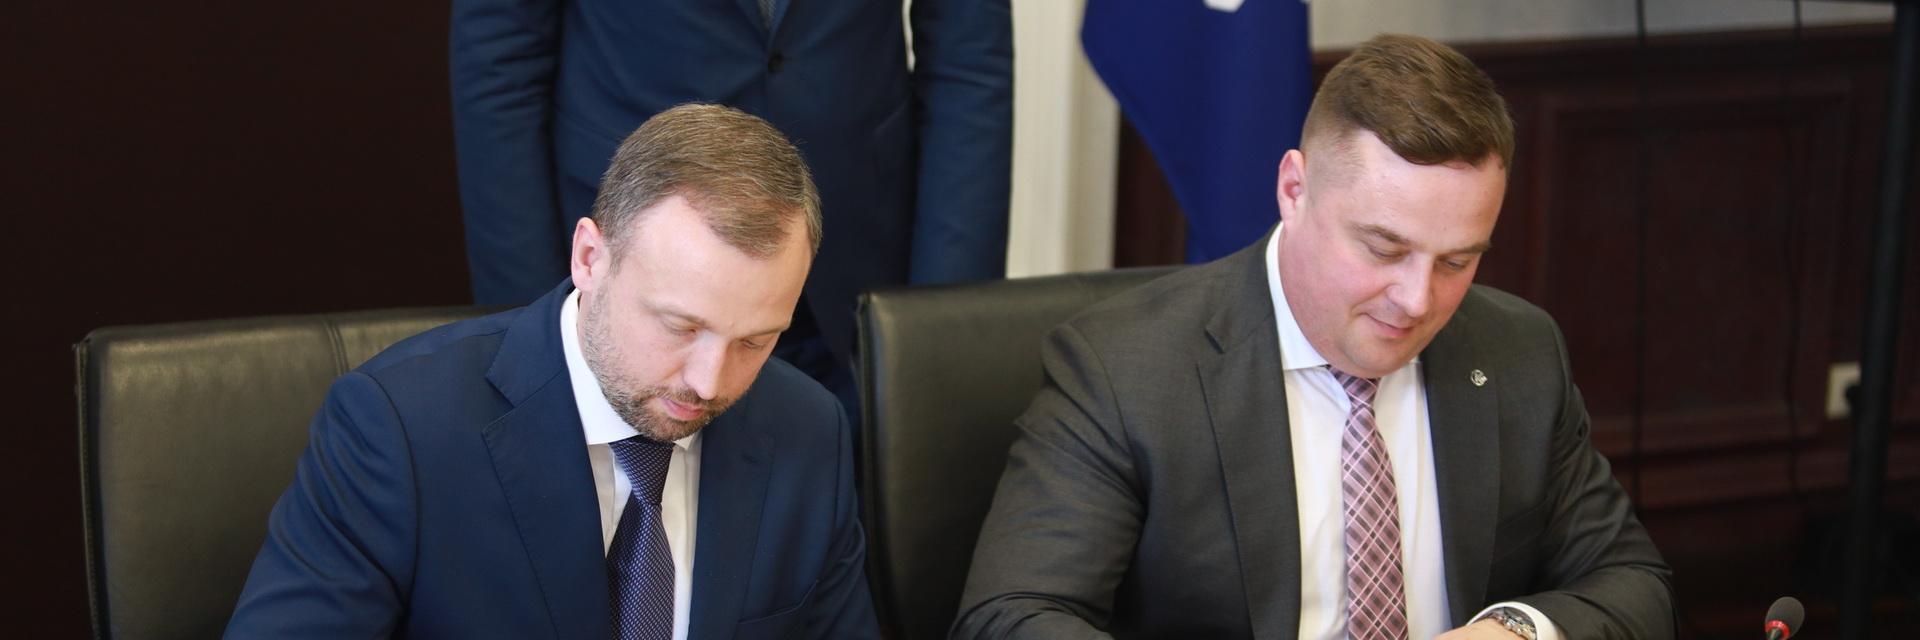 Крупные предприятия Владимирской области смогут воспользоваться льготным кредитованием